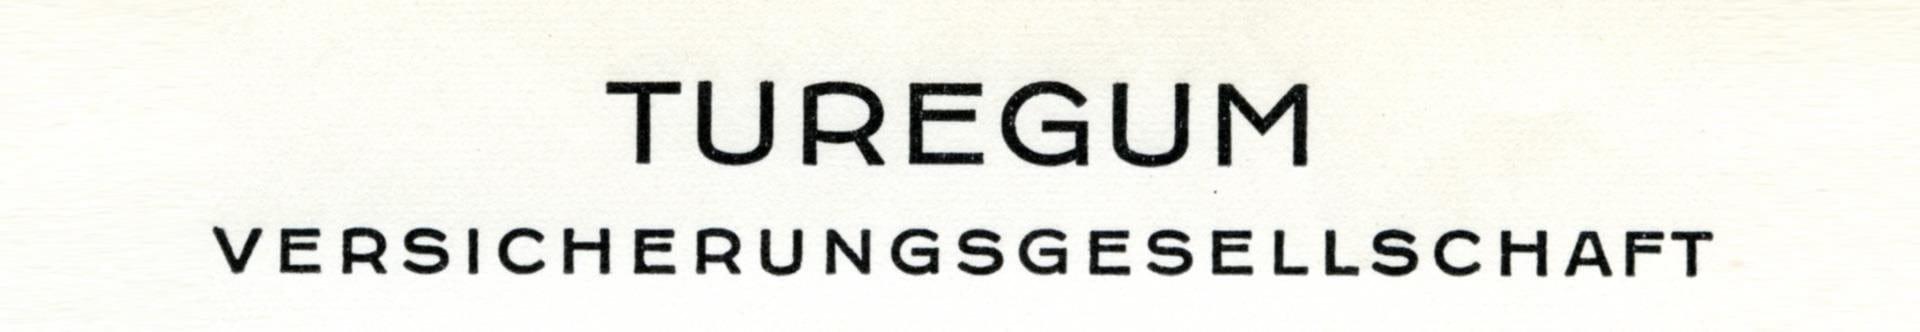 1938: Versicherungsgesellschaft Turegum founded